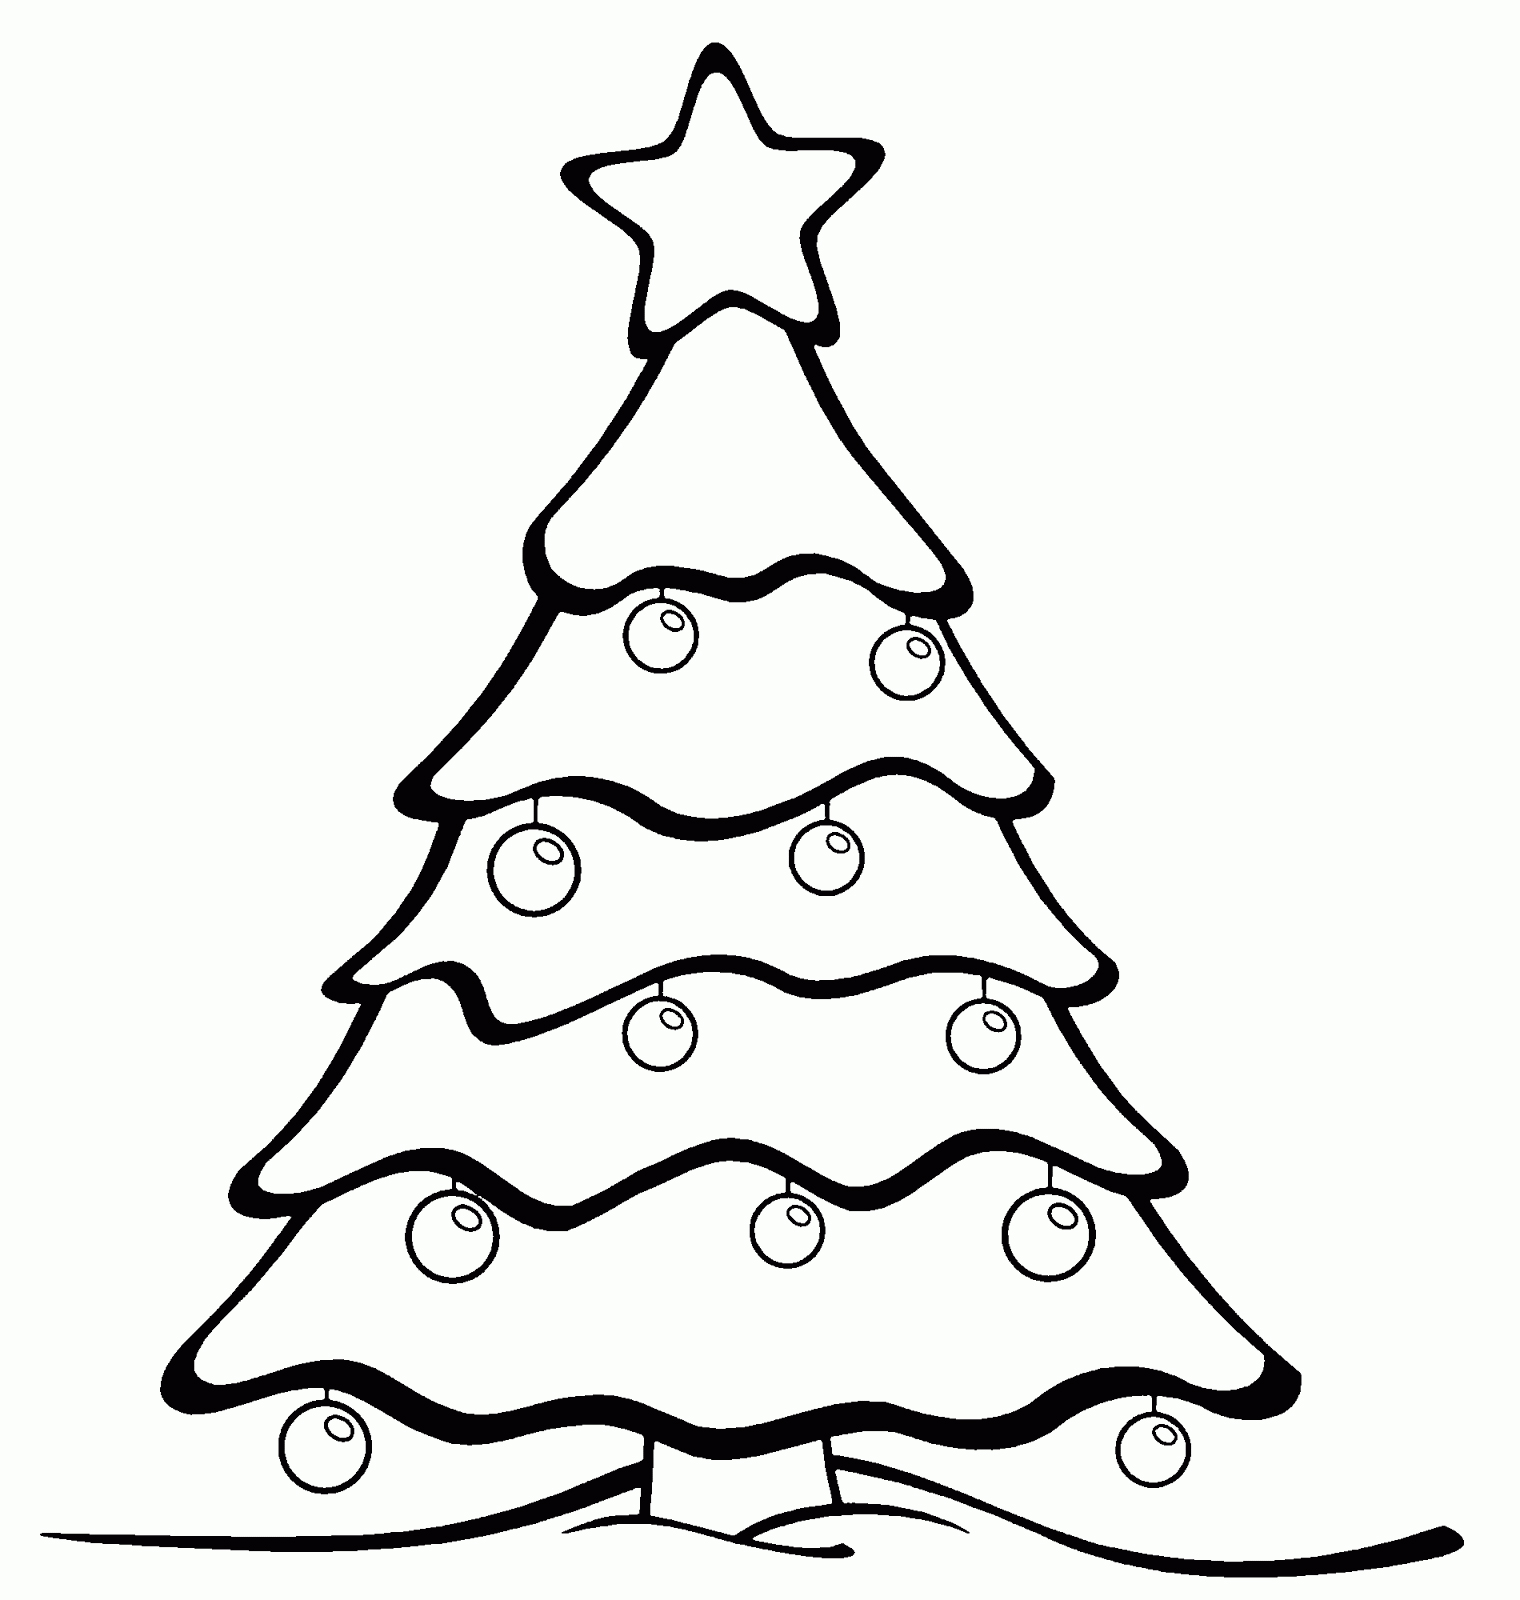 Dibujos de rboles de navidad para colorear e imprimir - Arboles de navidad colores ...